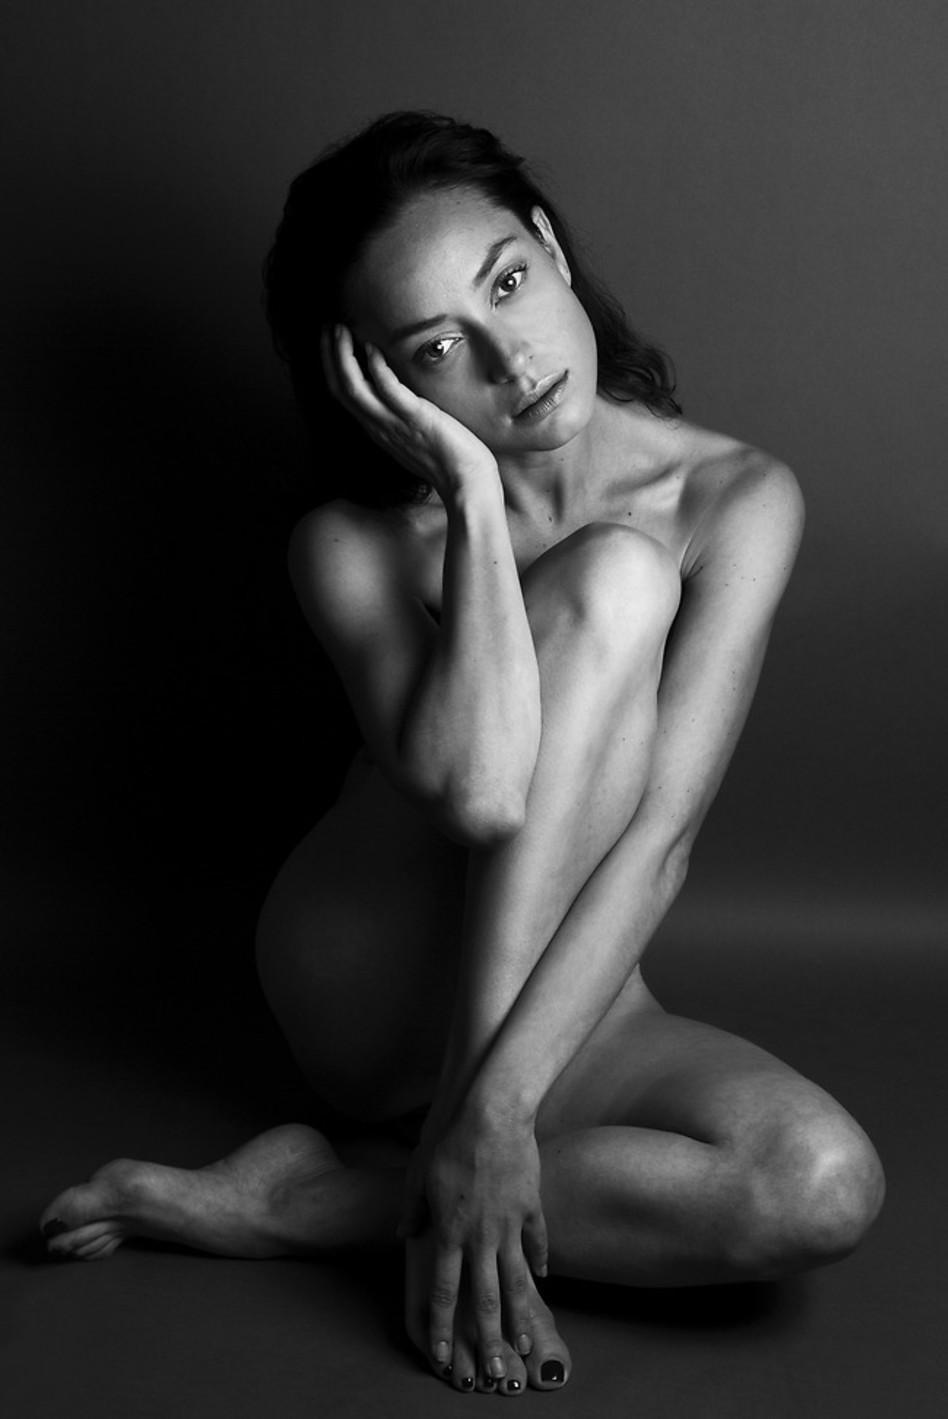 ובתמונה המדוברת. אנה ארונוב עירומה (צילום: סלי בן אריה)